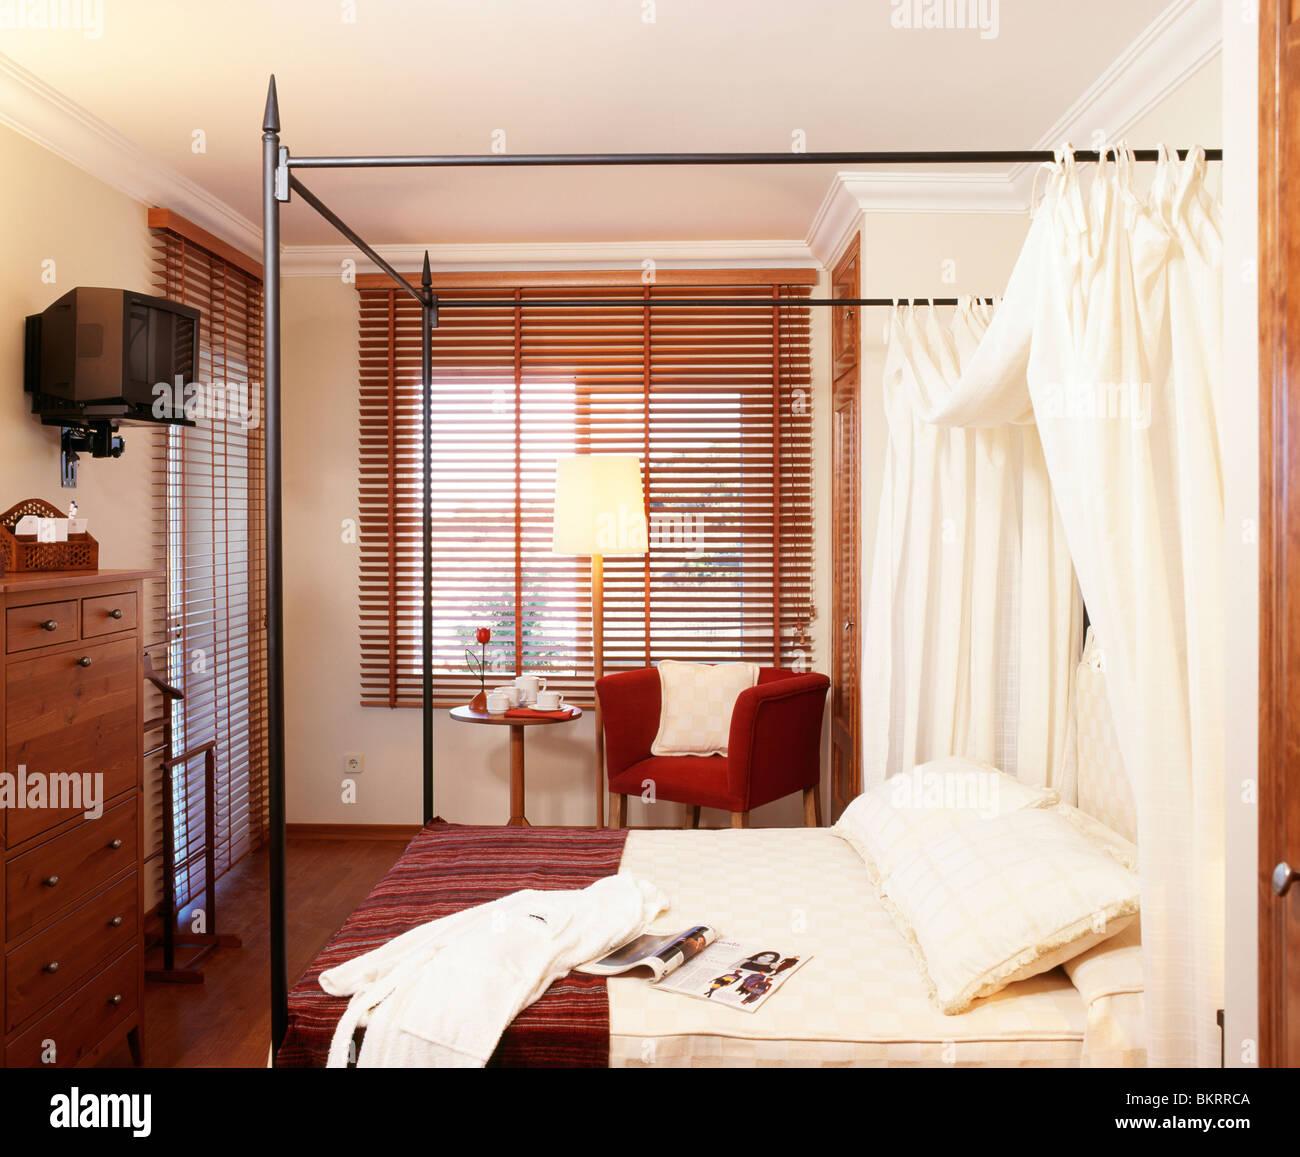 Weiße Vorhänge Auf Einfache Metall Himmelbett Im Schlafzimmer Mit  Lattenrost Aus Holz Rollo Am Fenster Und Fernseher An Der Wand Montiert